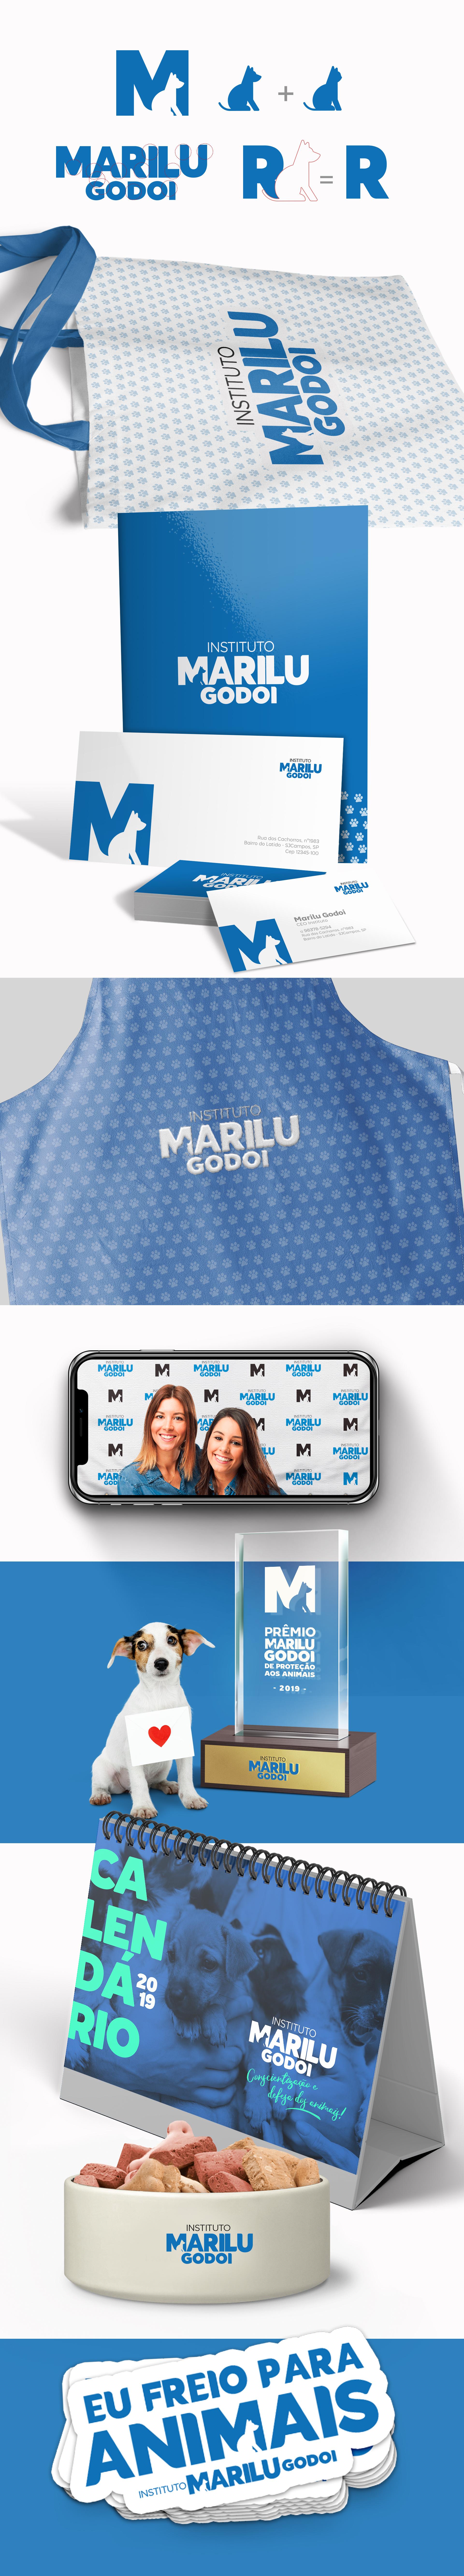 Aorta Comunicação e Eventos - Instituto Marilu Godoi